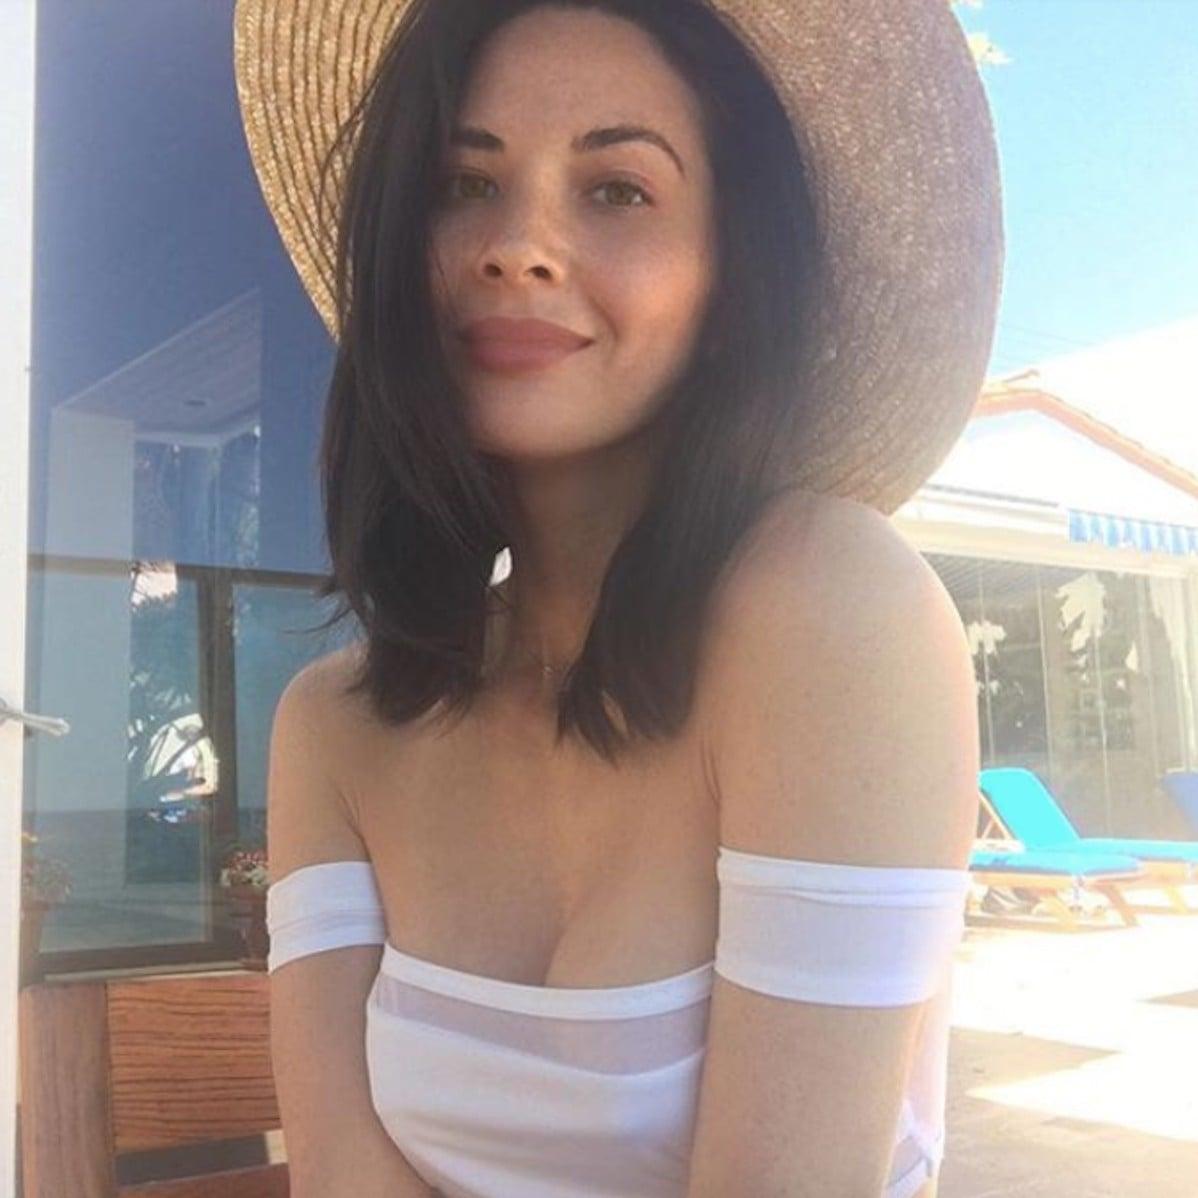 Olivia munn bikini pics 2